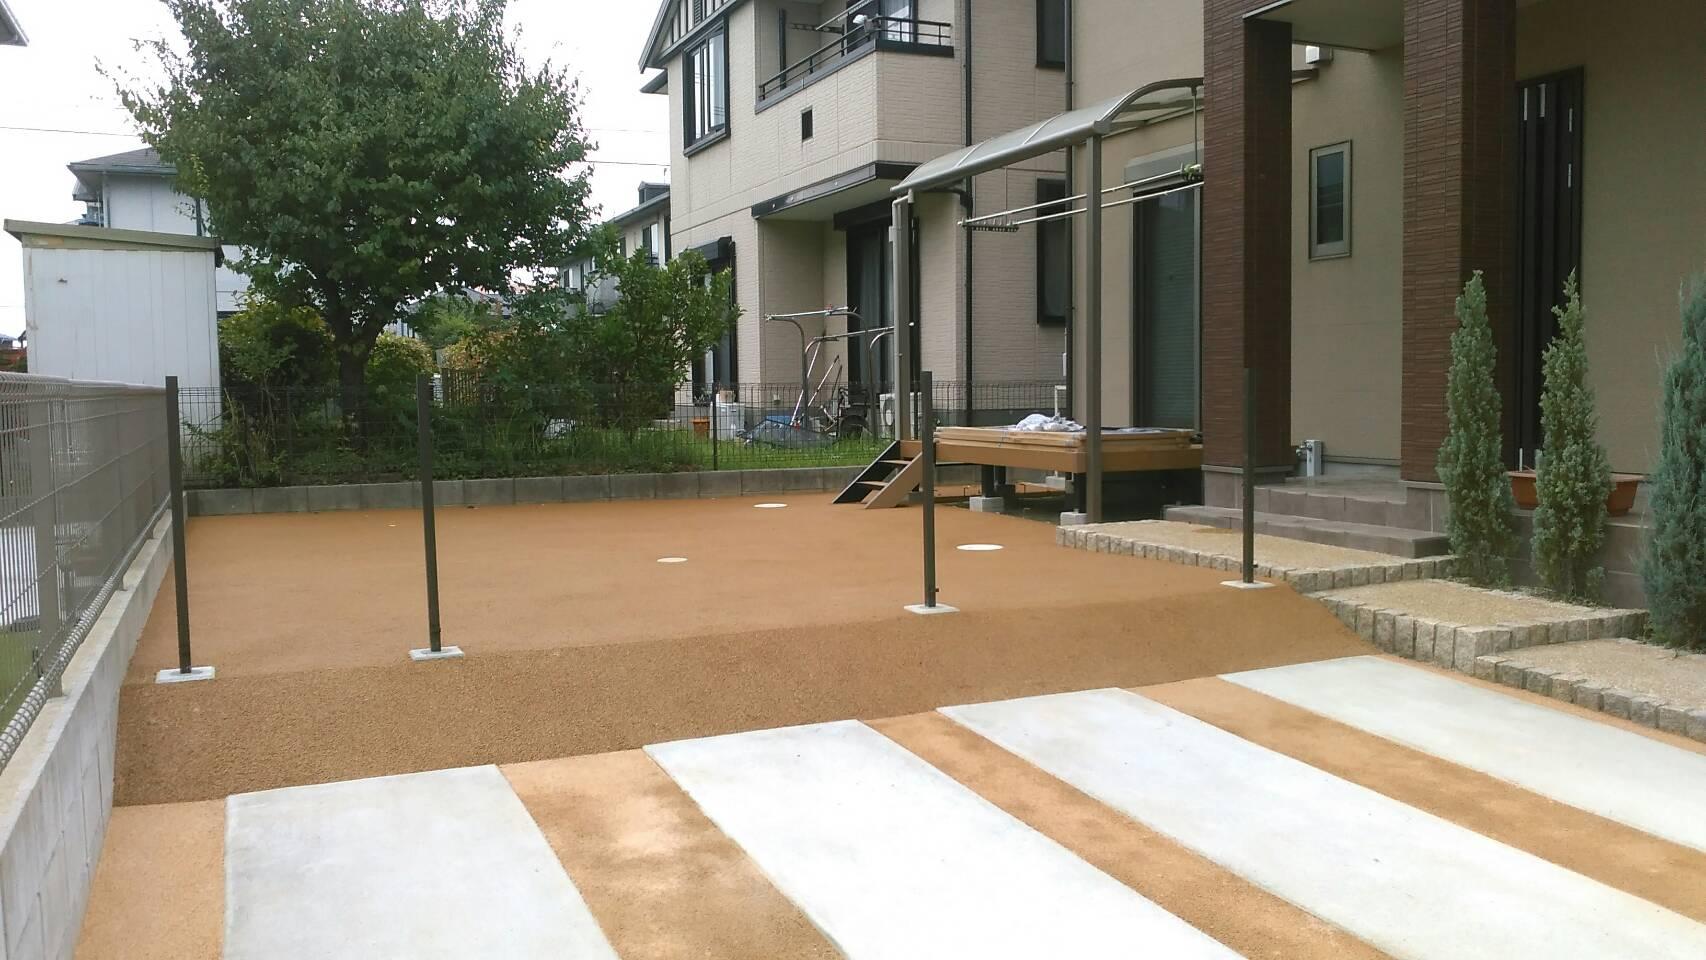 7/5施工 八幡西区 N邸防草工事 家の正面、駐車場の目地を標準色で施工しました。